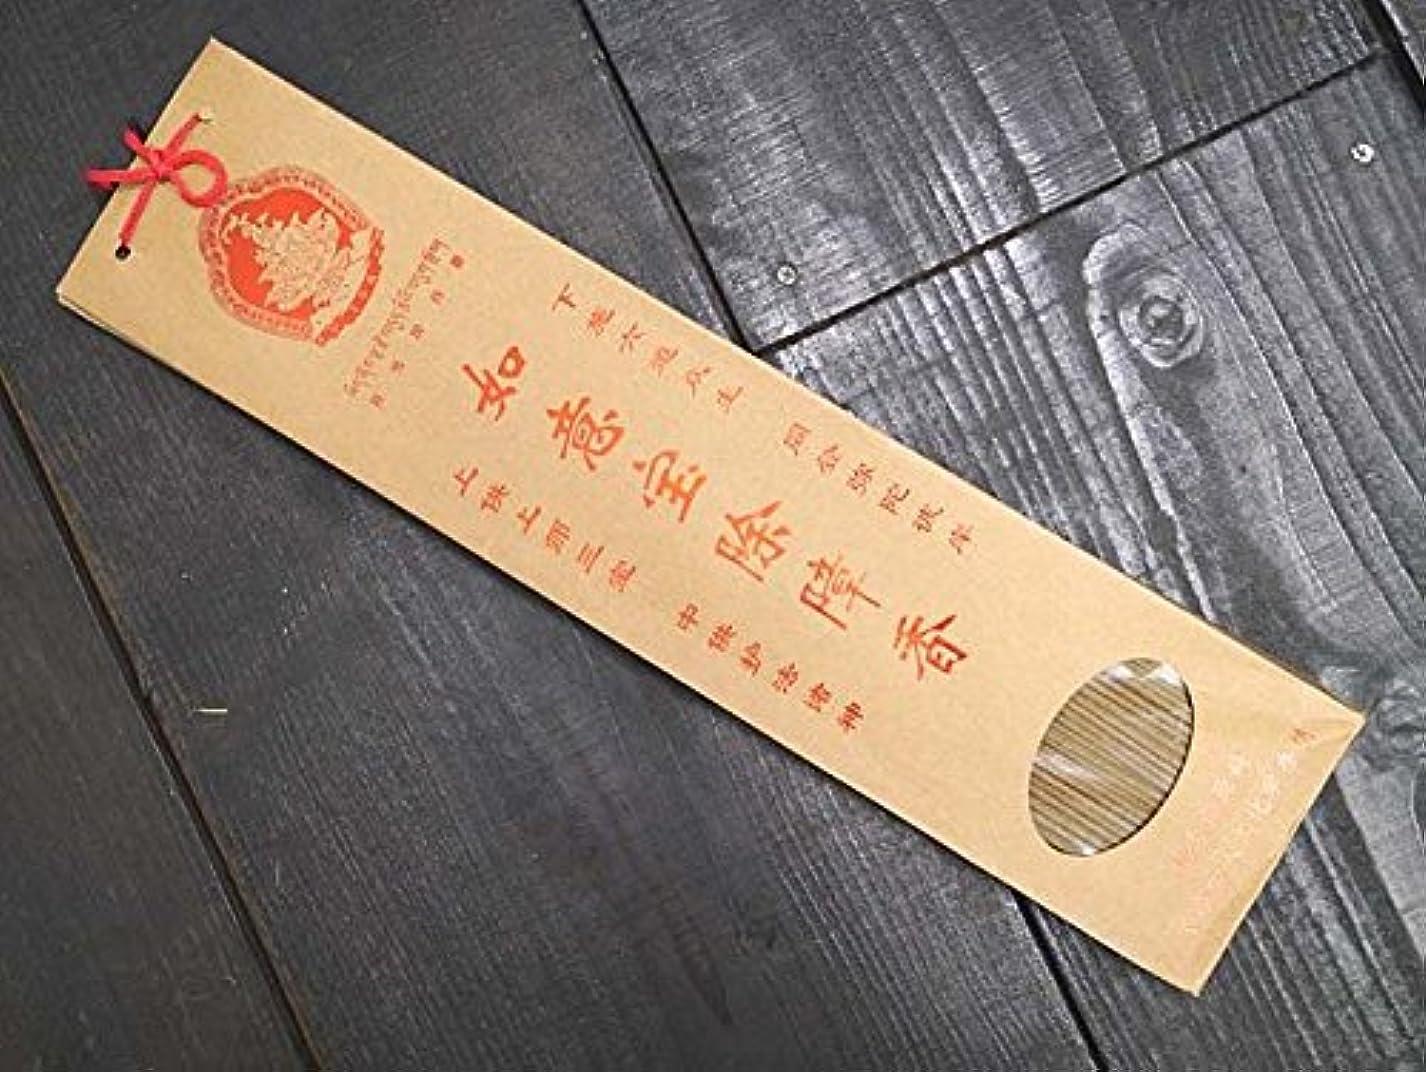 プログラム東部正当な如意宝 中国湖北省武漢市で作られる除障香【如意宝除障香】